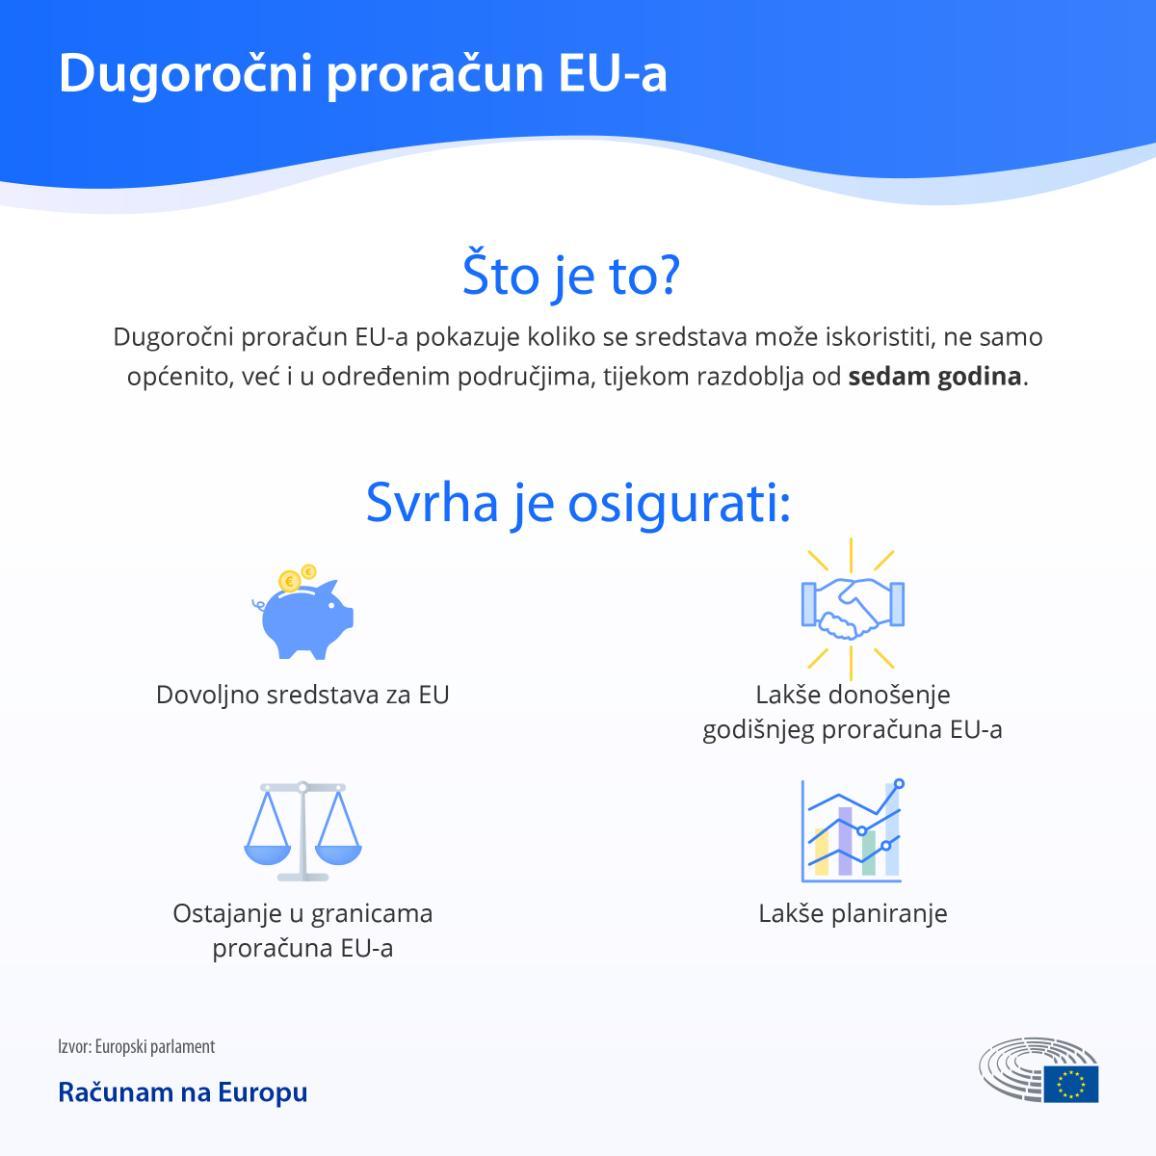 Infografika kojom se  objašnjava što je dugoročni proračun EU-a